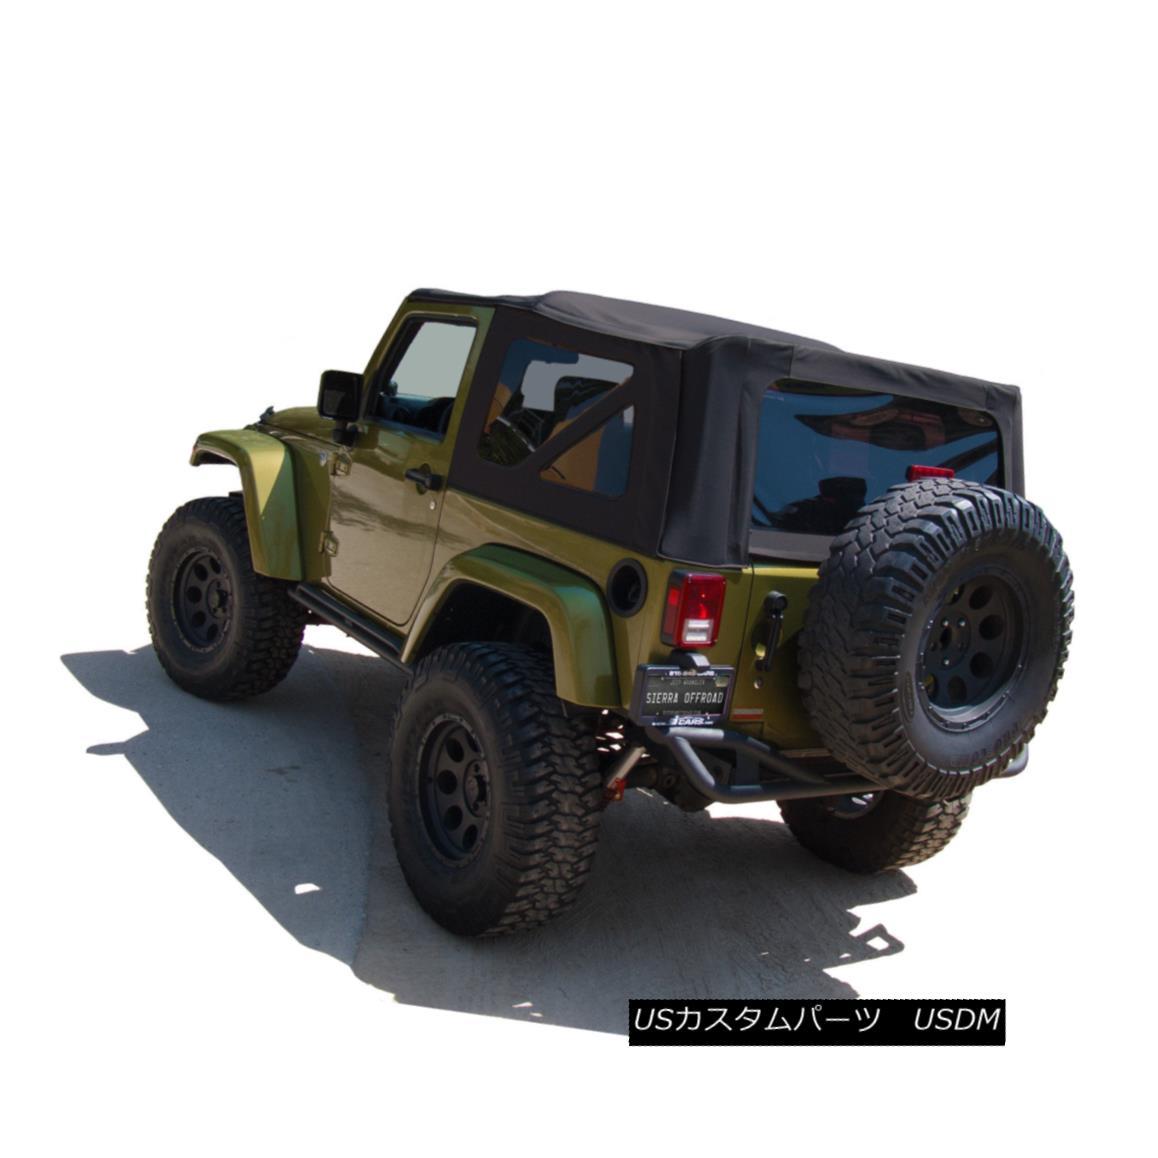 幌・ソフトトップ Jeep Wrangler JK Soft Top, 2007-09, Press Polish Windows, Black Twill Canvas ジープラングラーJKソフトトップ、2007-09、プレスポーランドのWindows、ブラックツイルキャンバス